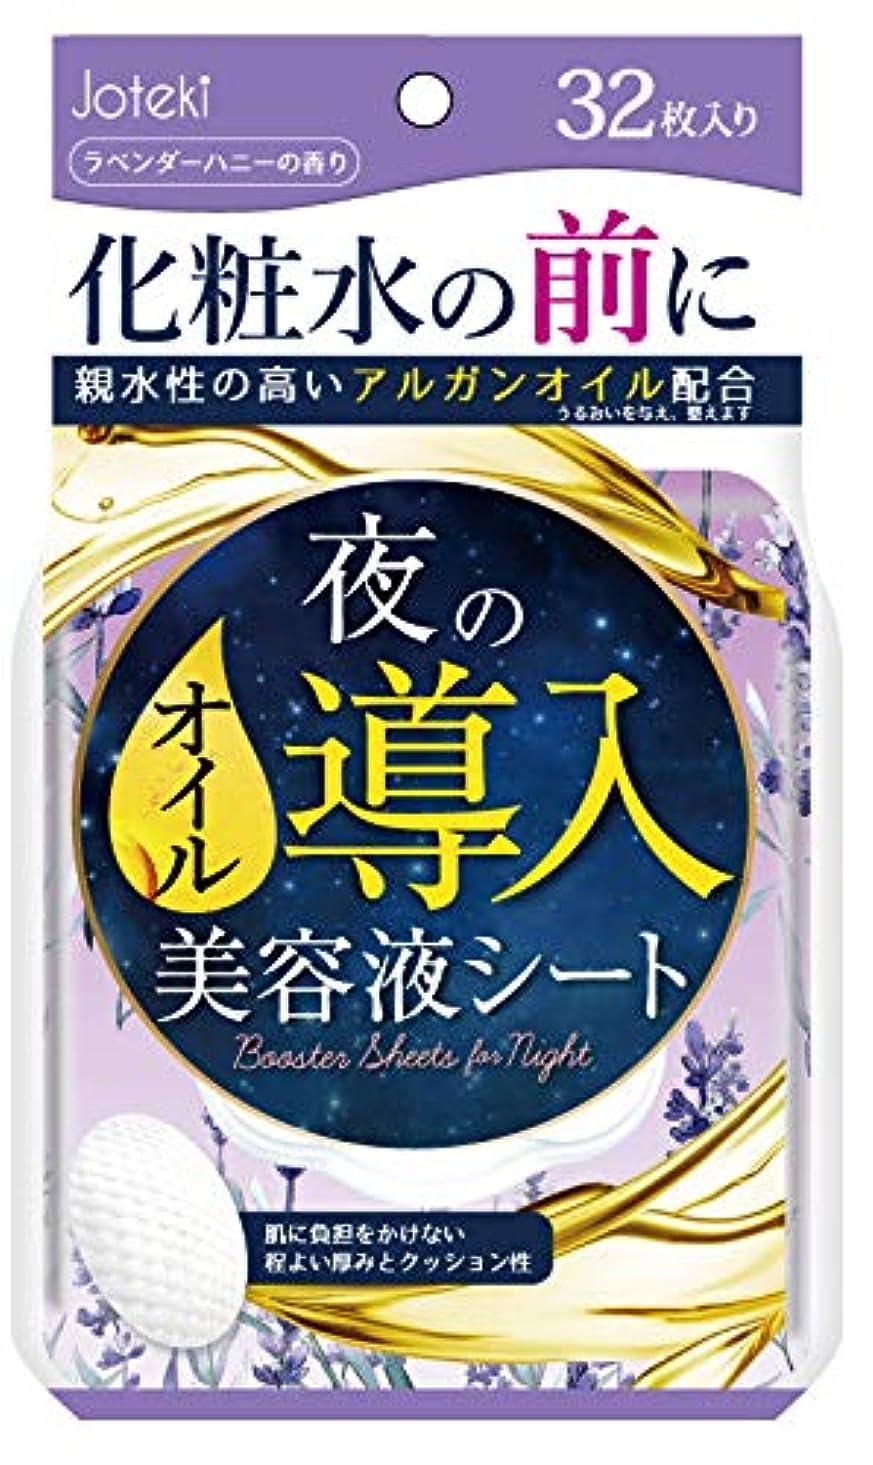 弾性束ねるシャッターSUN SMILE(サンスマイル) ジョテキ オイル導入美容液シート 32枚 フェイスマスク